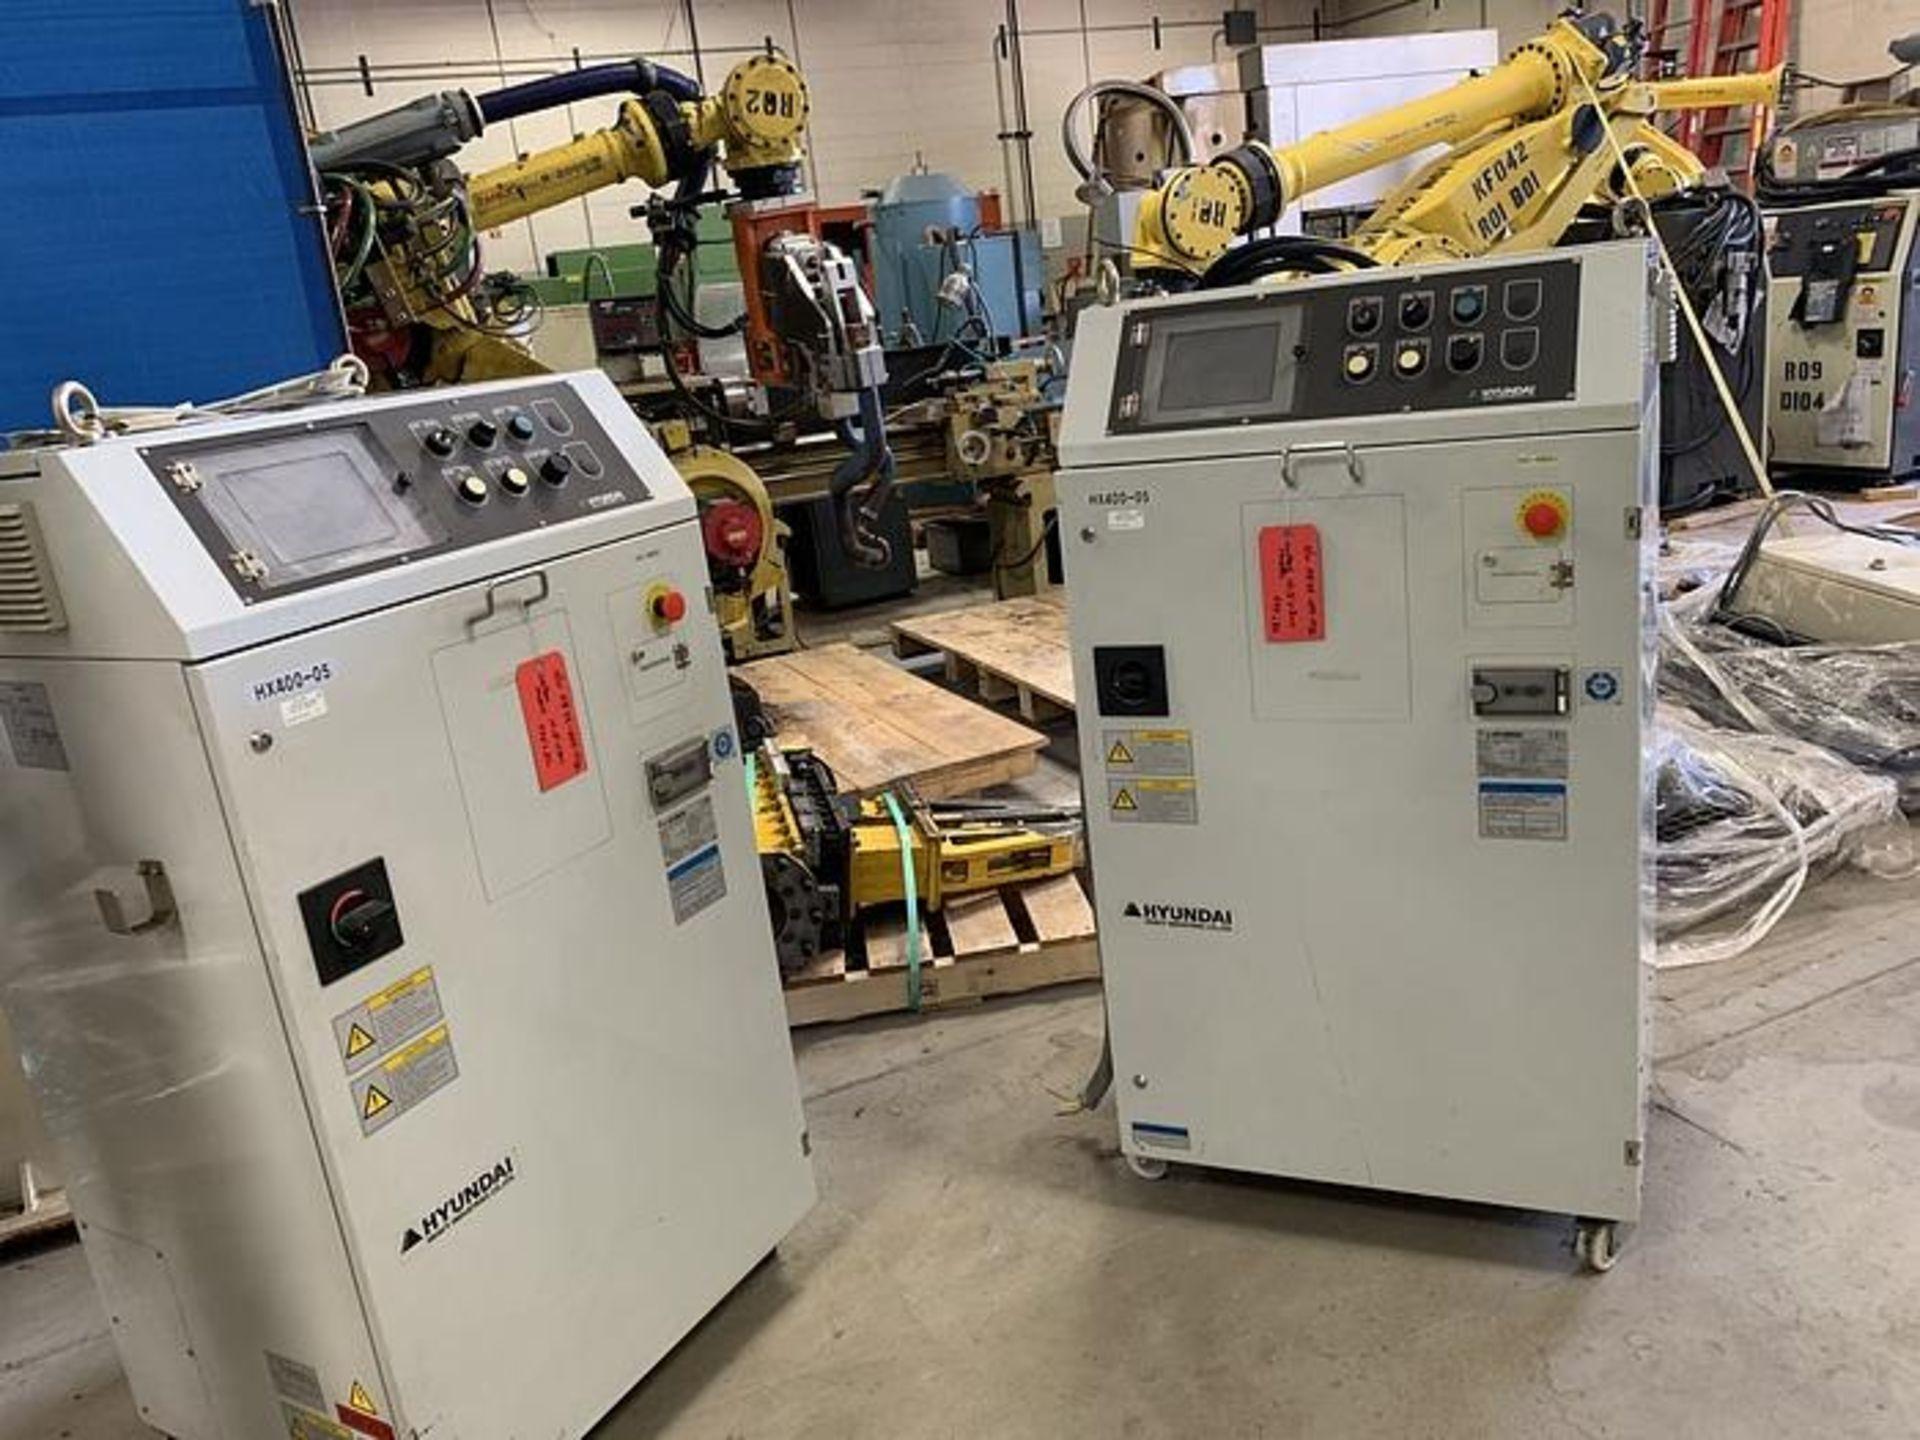 HYUNDIA MODEL HX400 400KG X 2573MM Hi5-N80U CONT. 6 AXIS CNC ROBOT, YEAR 2012, SN HB35-054-572 - Image 5 of 21